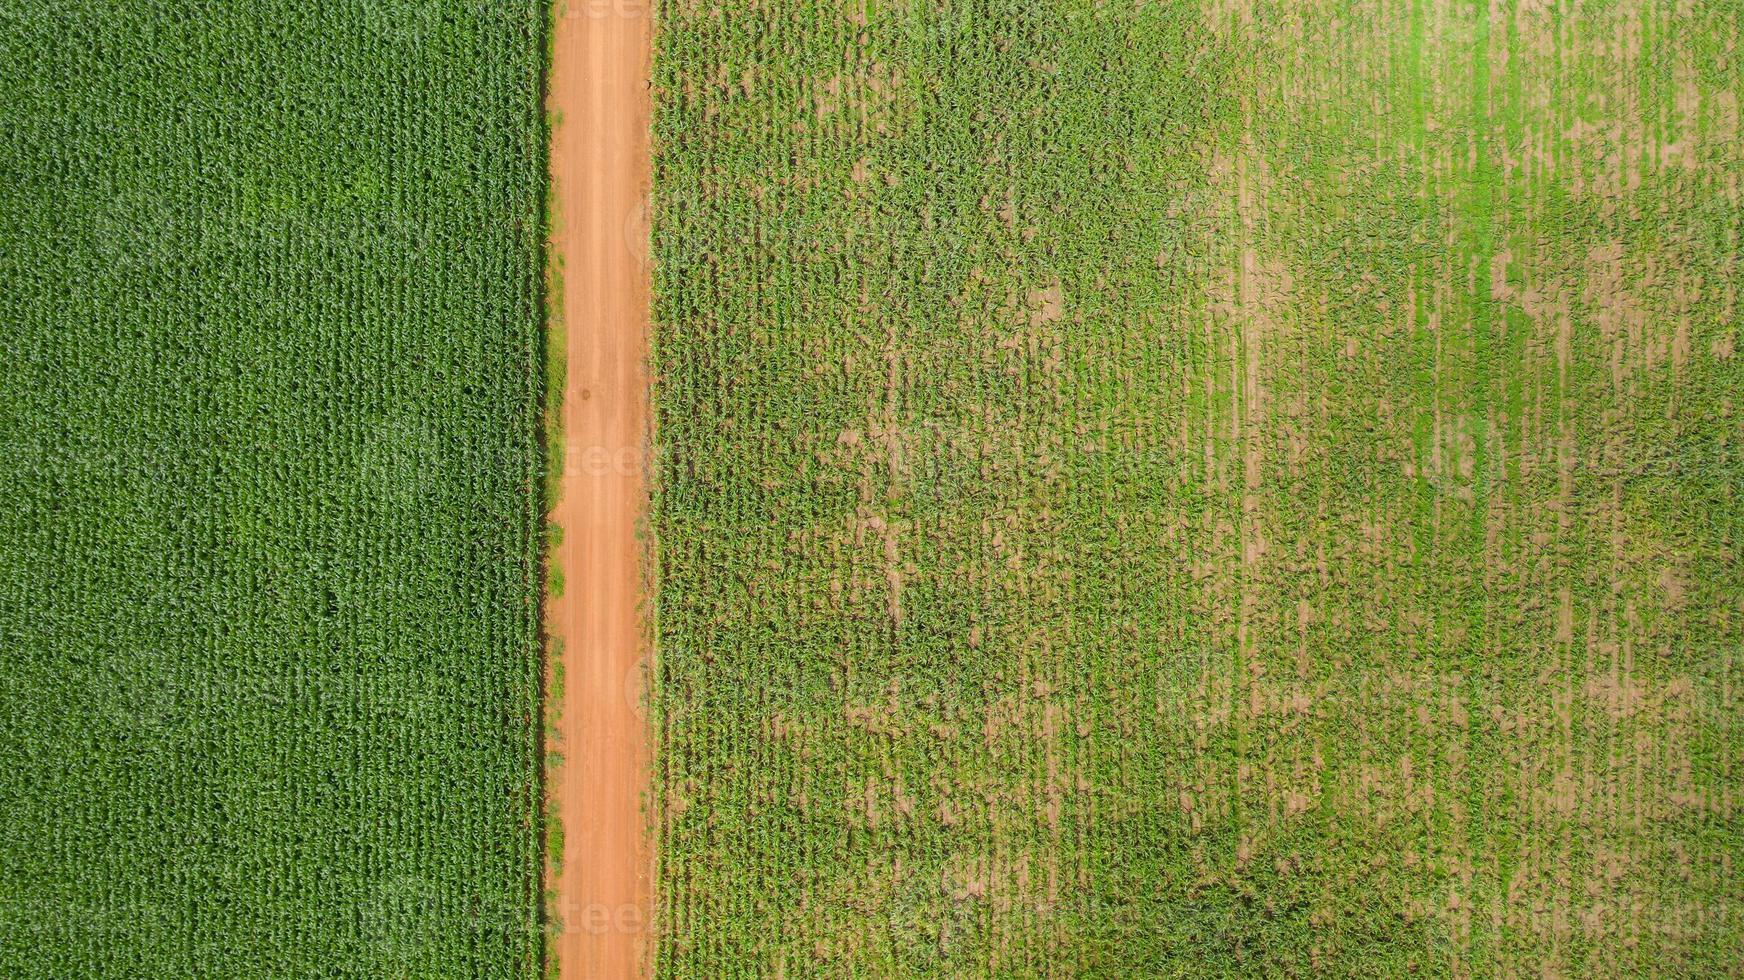 vista aérea de um caminho através de um campo de milho foto